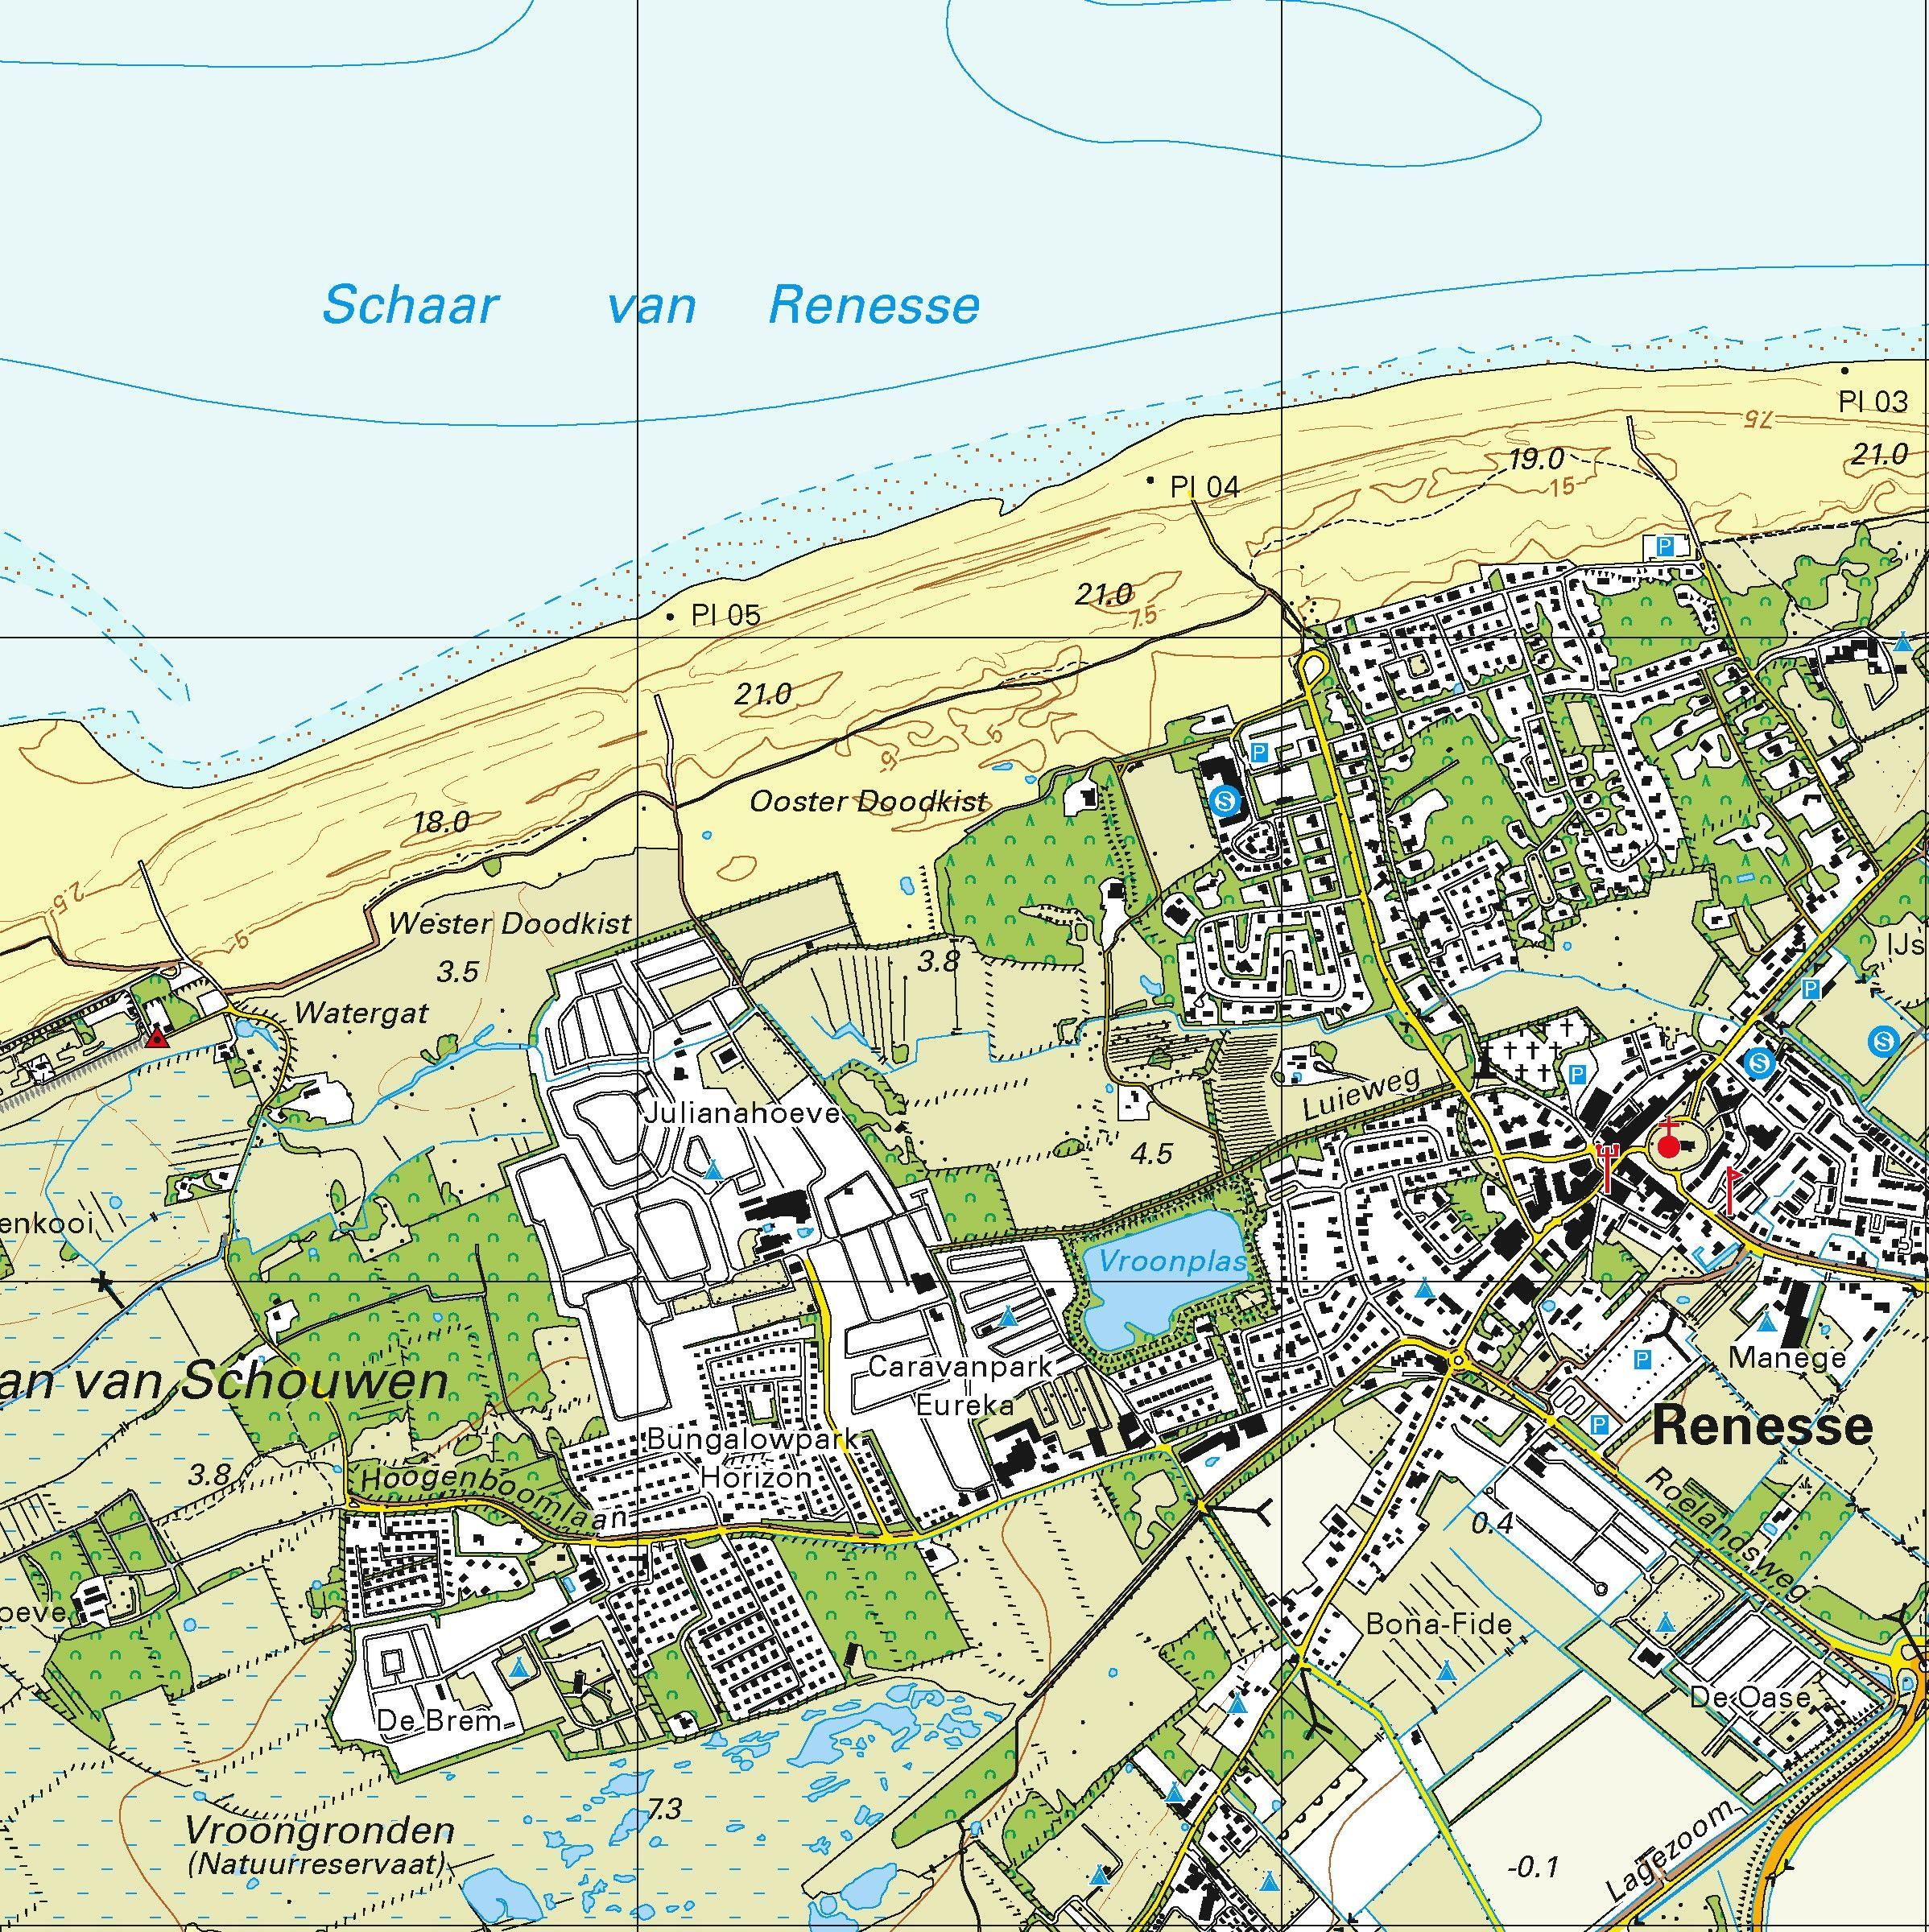 Topografische kaart schaal 1:25.000 (Ouddorp, Brouwershaven, Burg-Haamstede, Renesse)